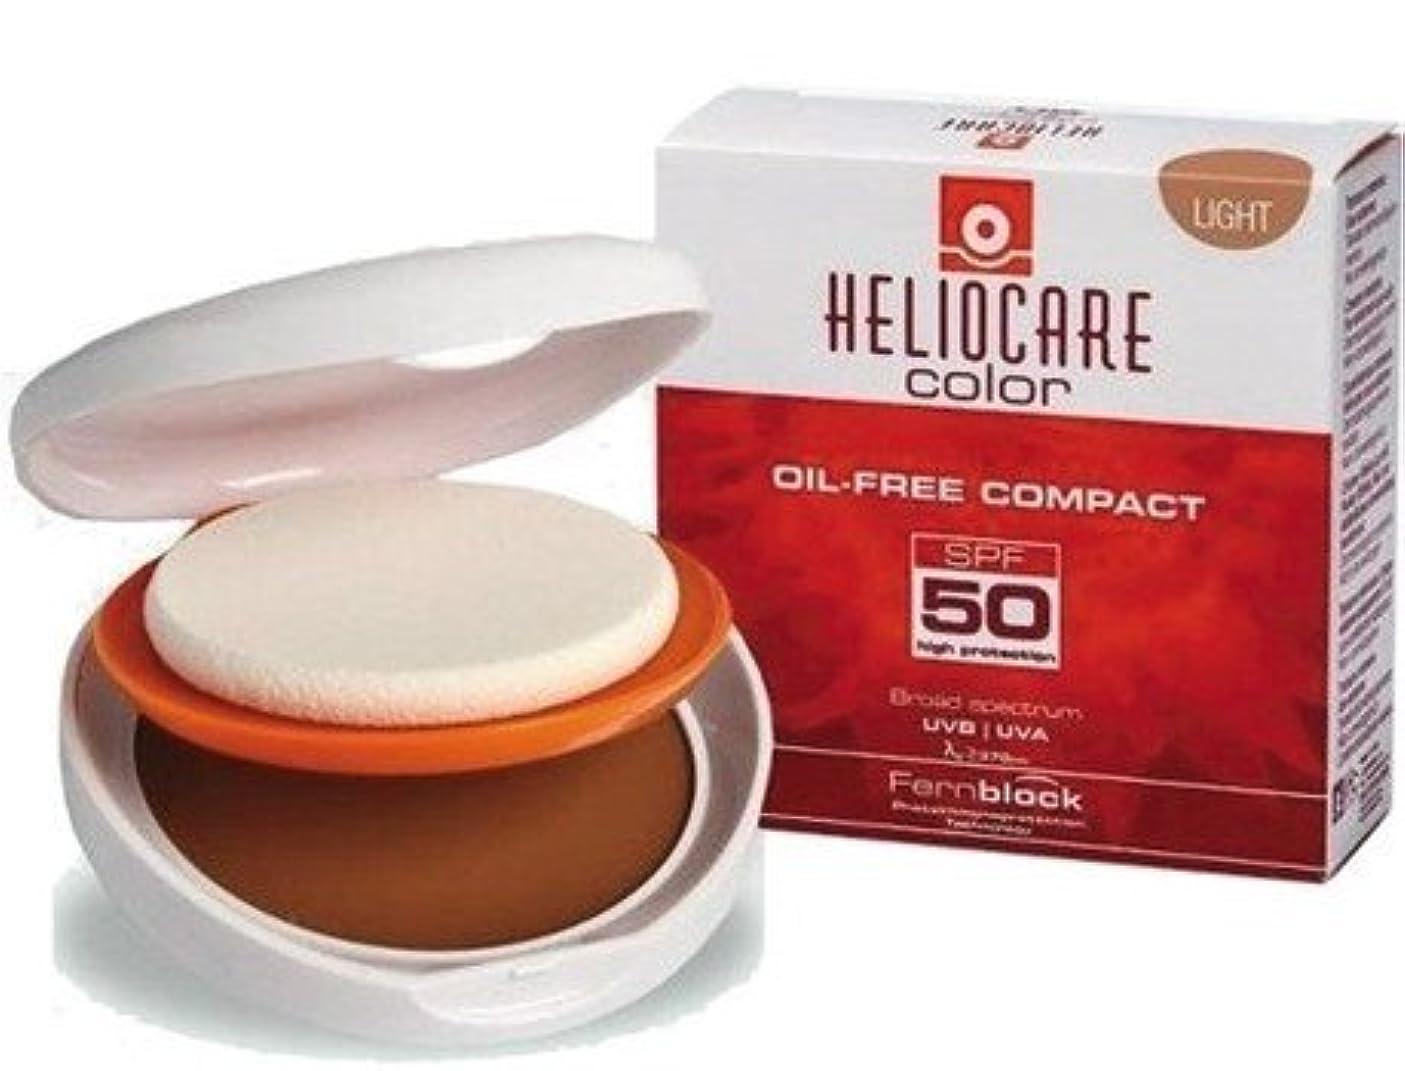 思春期中重くするヘリオケア カラーオイル フリーコンパクト SPF50 ライト HELIOCARE COLOR OIL FREE COMPACT SPF50 LIGHT